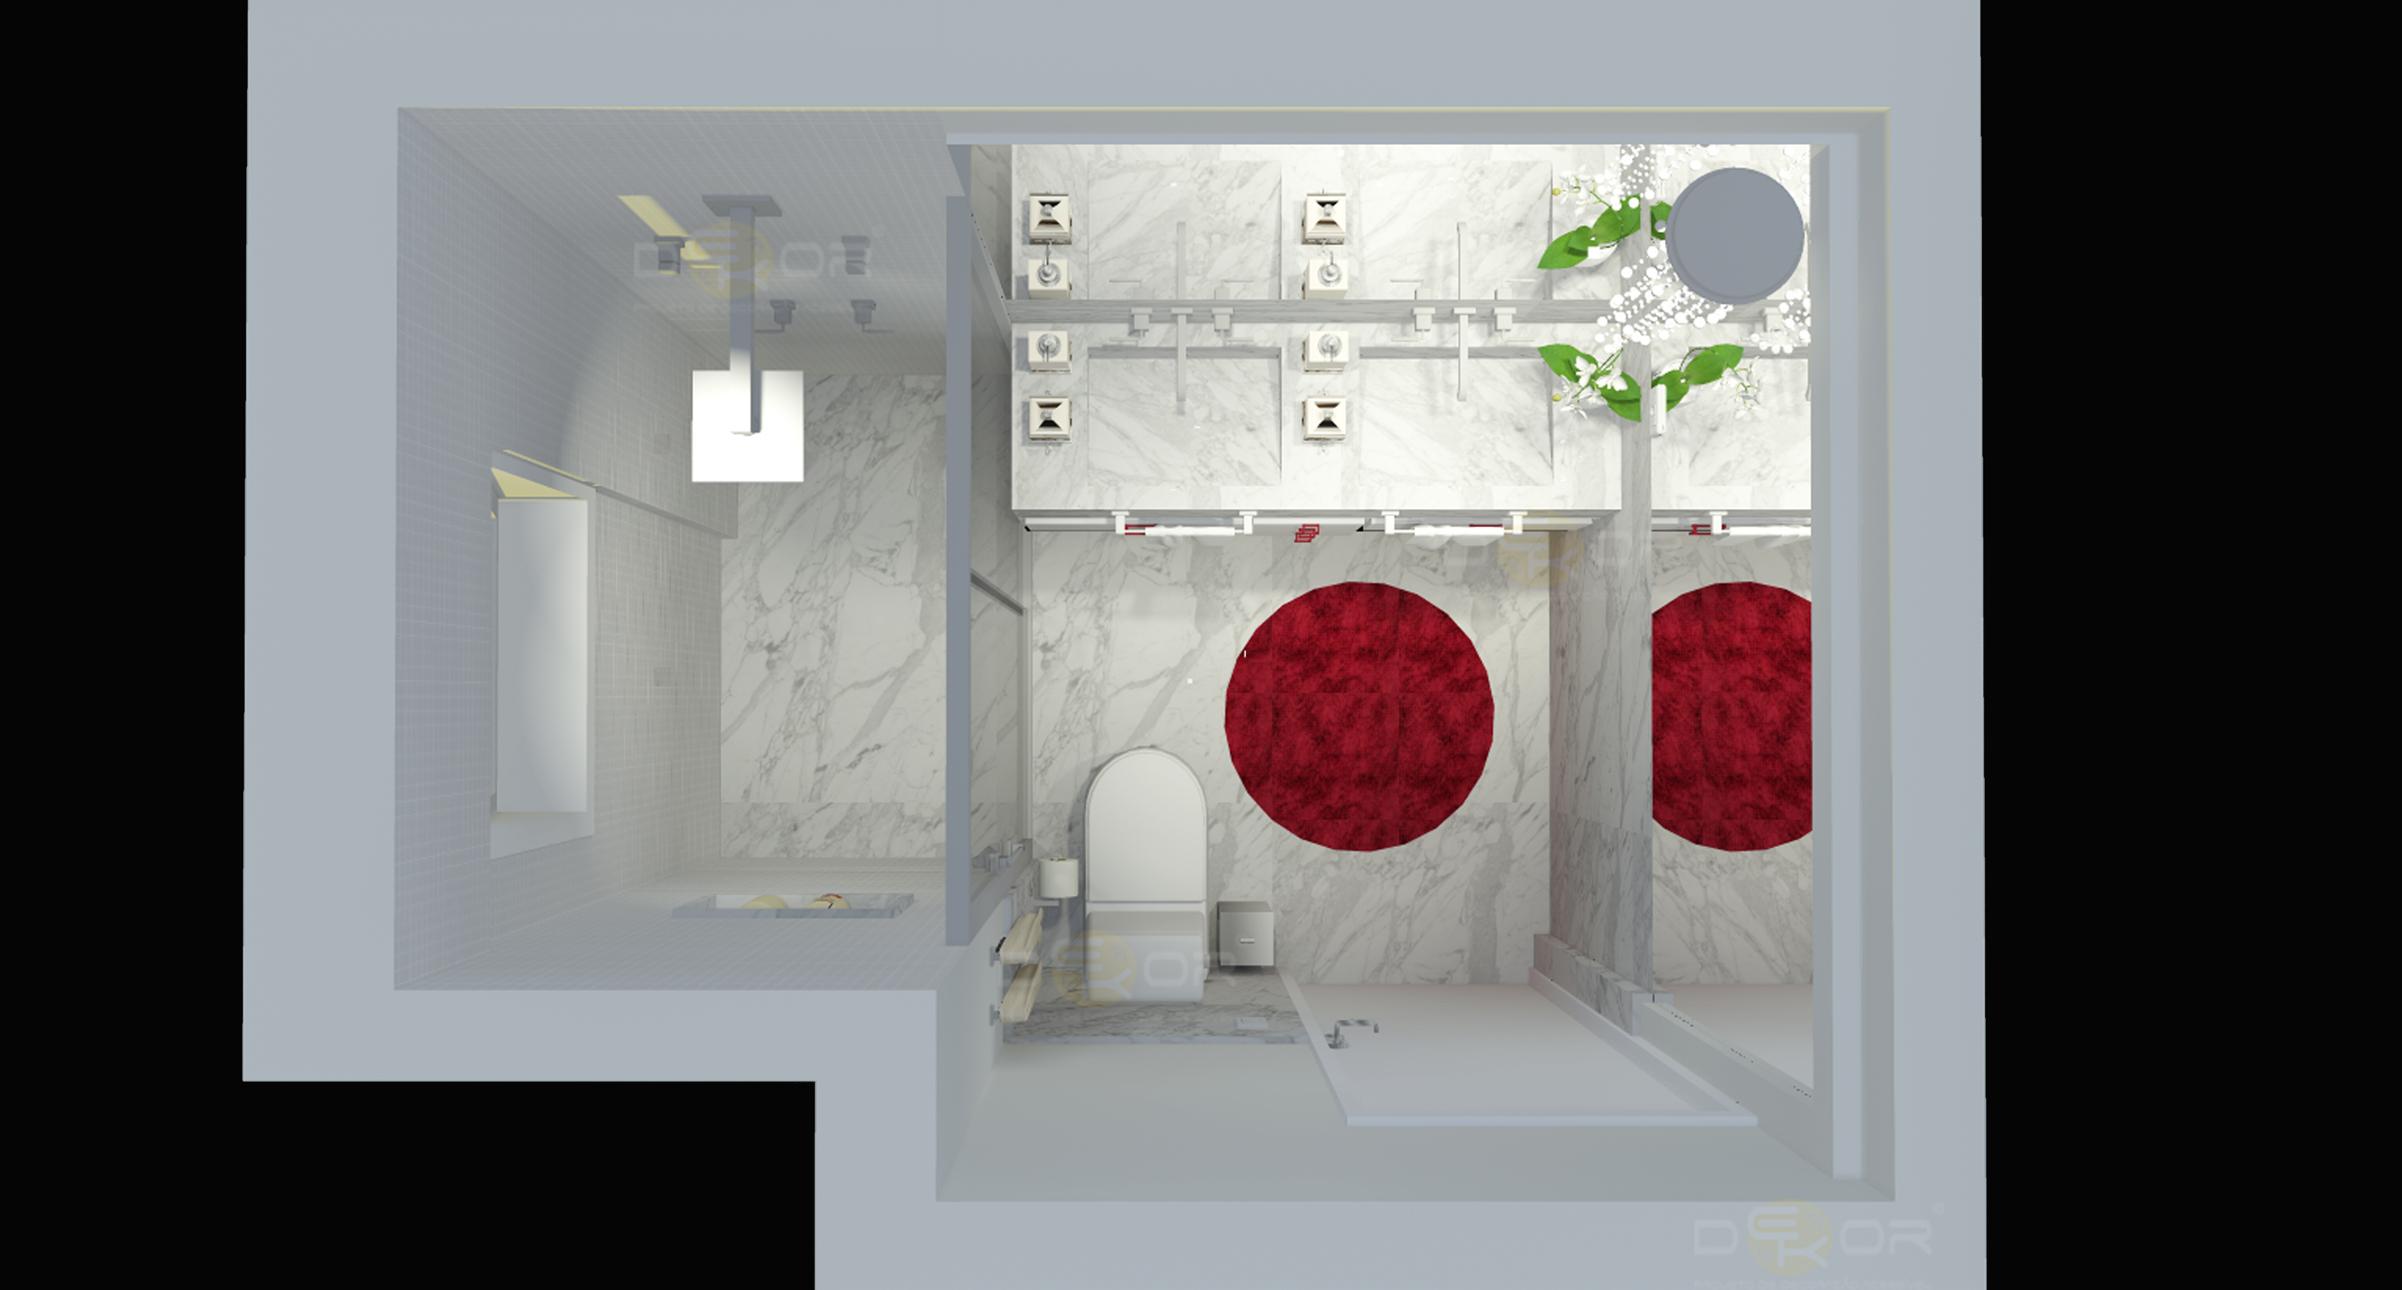 Projeto de Banheiro – Decoração Online #17 Erika Karpuk #76101D 2402 1290